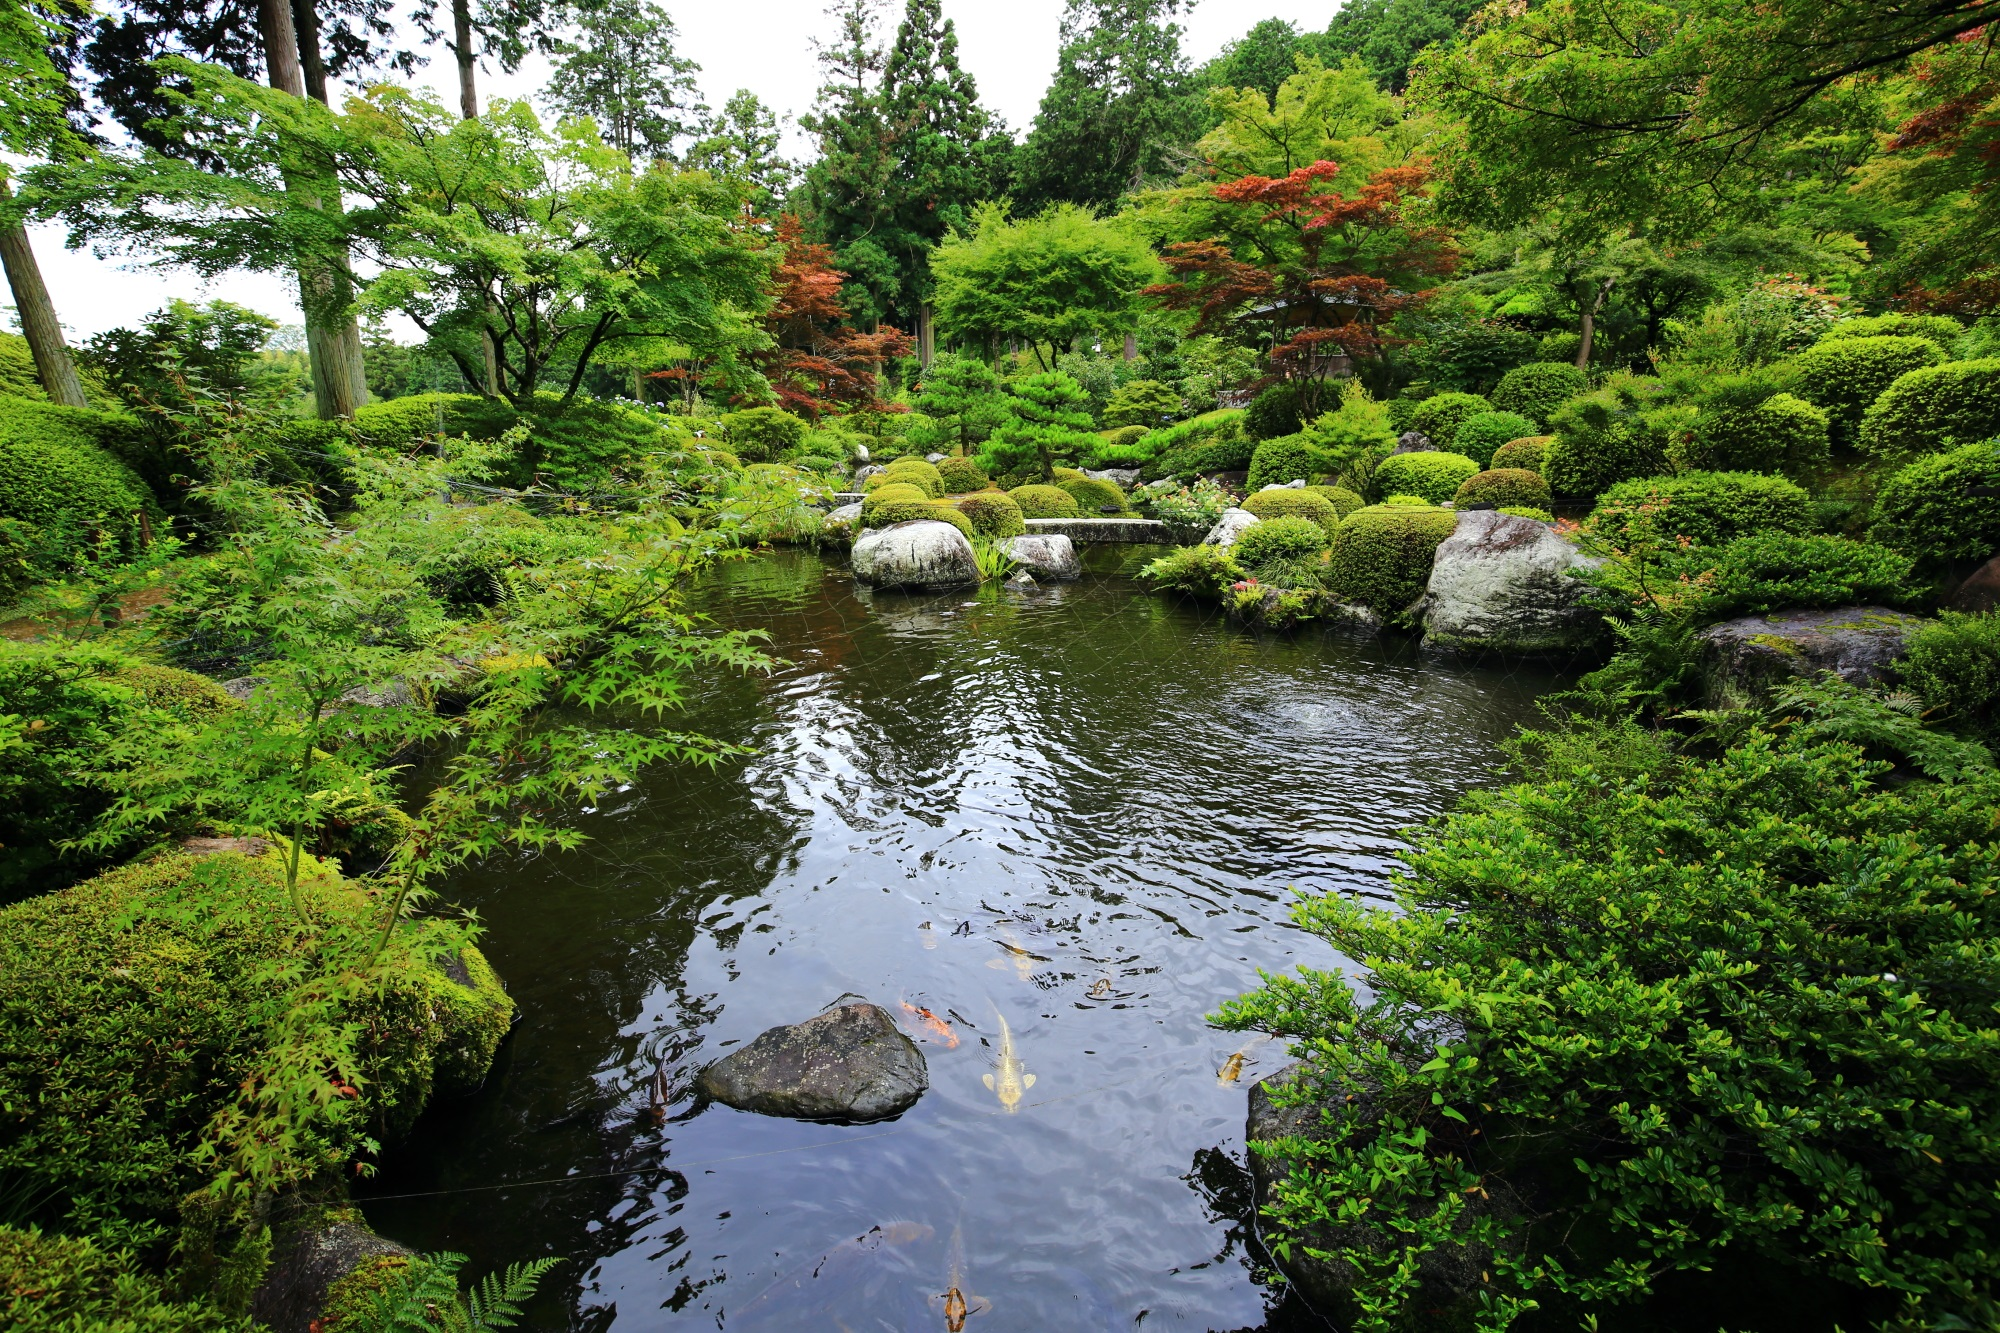 三室戸寺の池にいる鯉